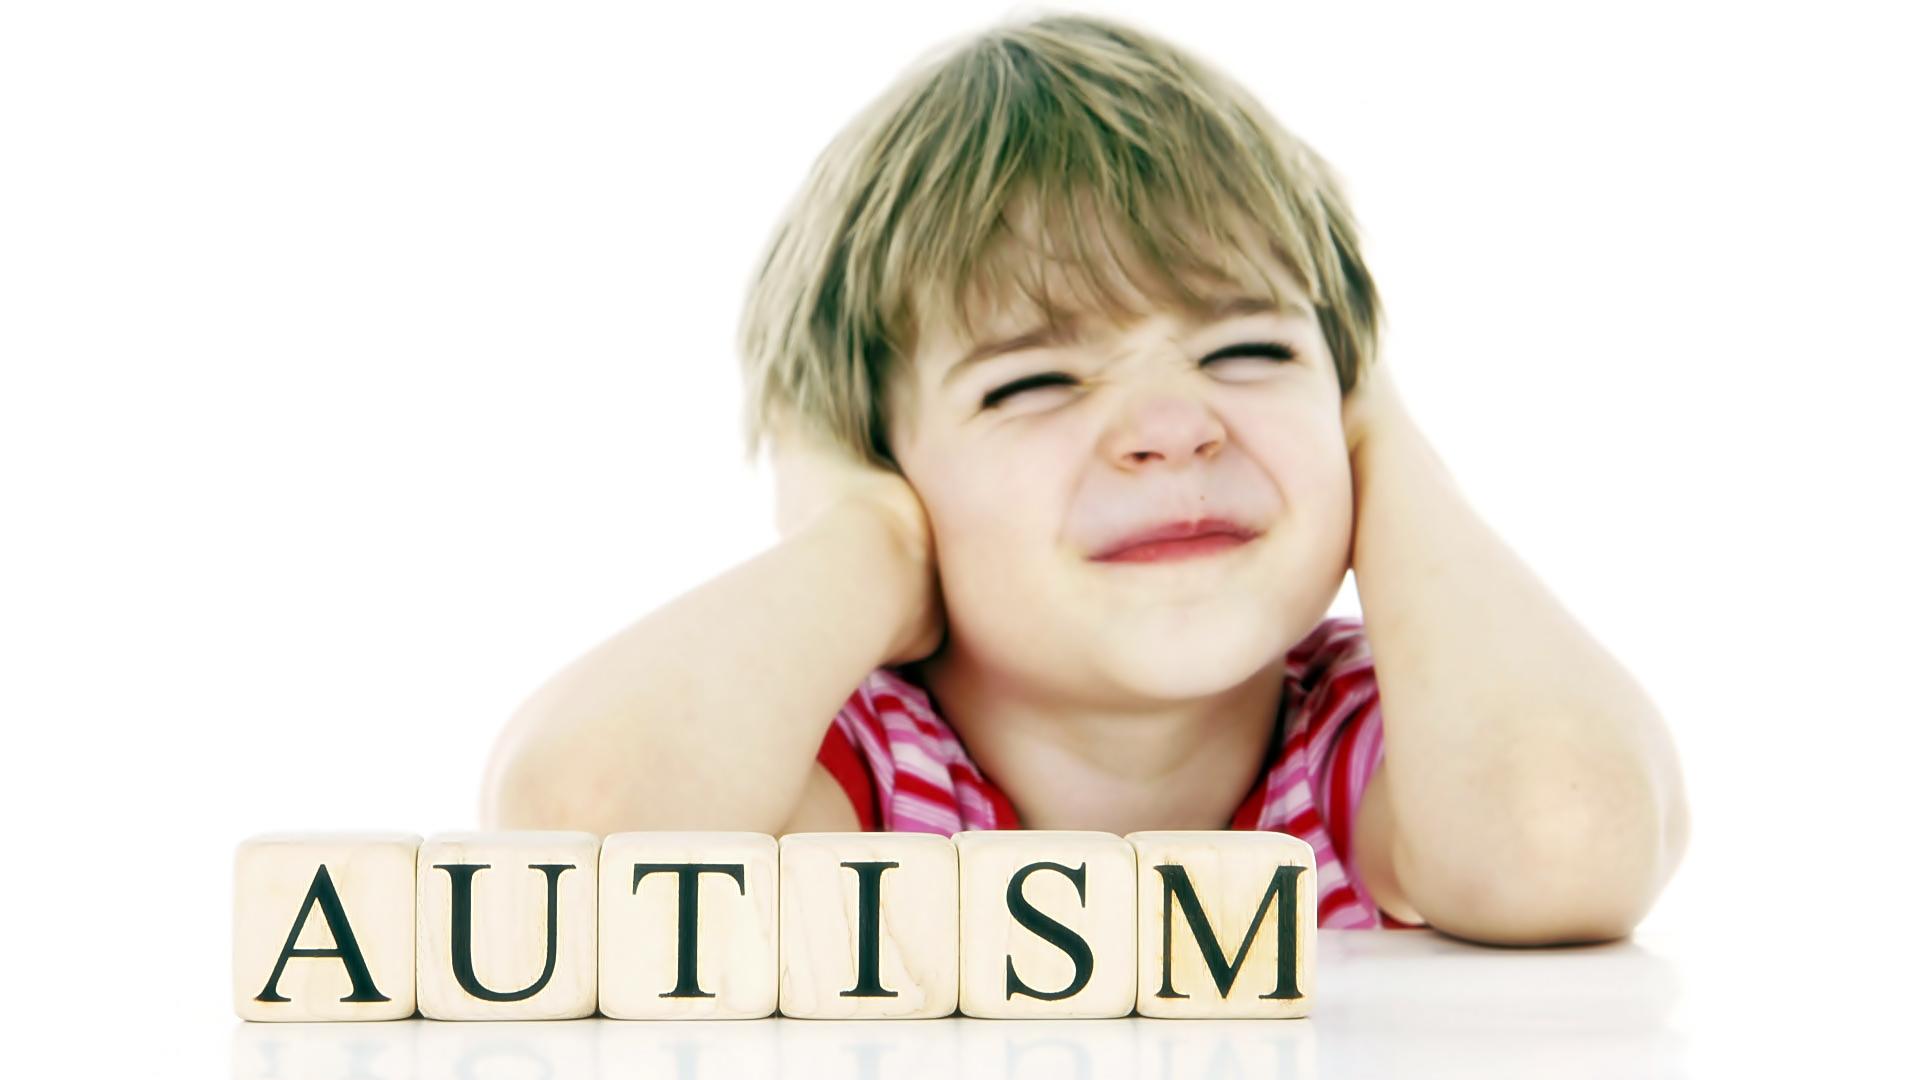 problemas visuales en niños con autismo